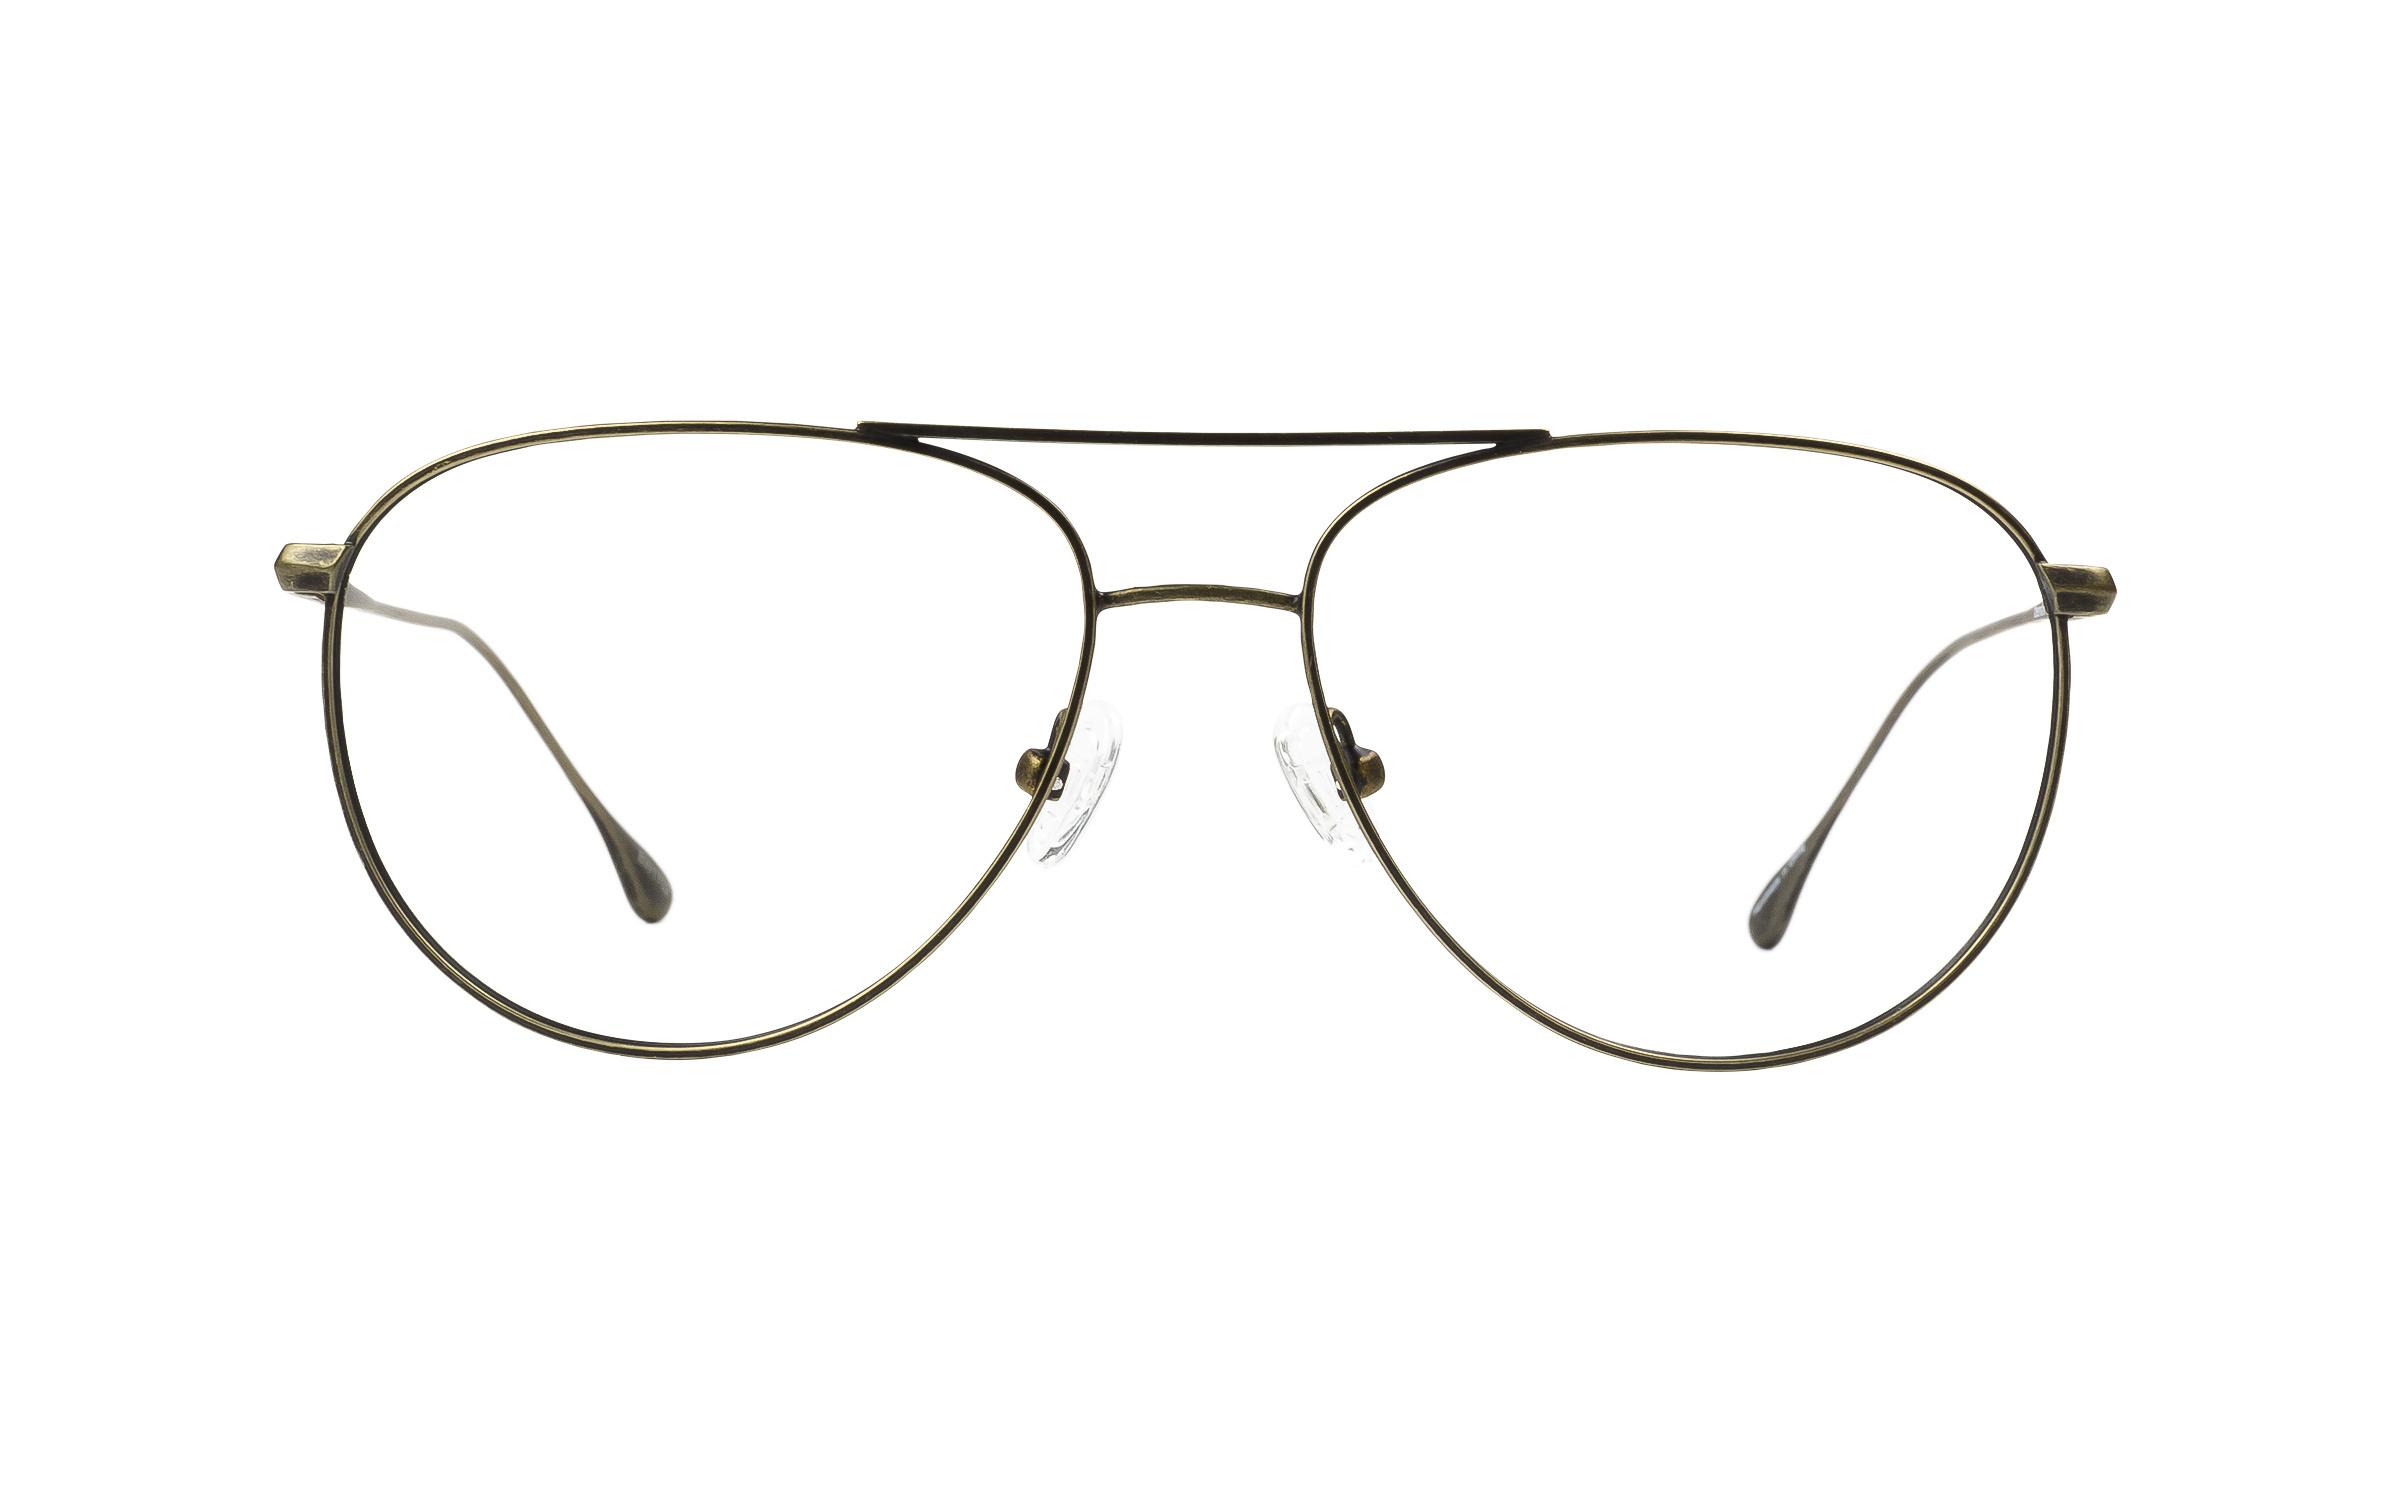 Joseph Marc Observation S Antique Gold Glasses, Eyeglasse...